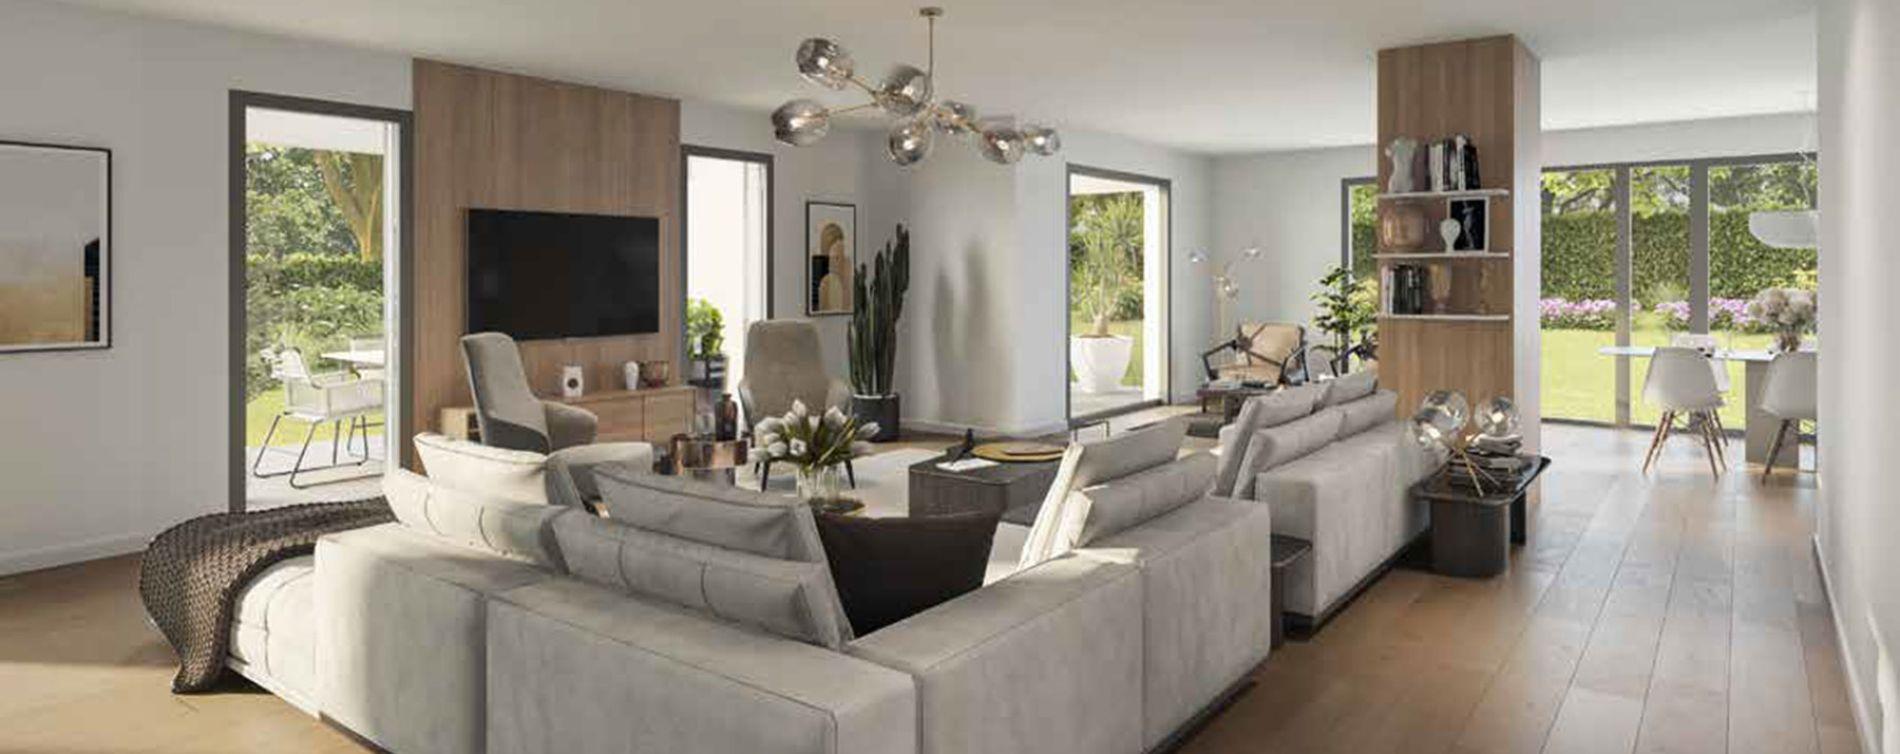 Aix-en-Provence : programme immobilier neuve « Montemaggi » (2)